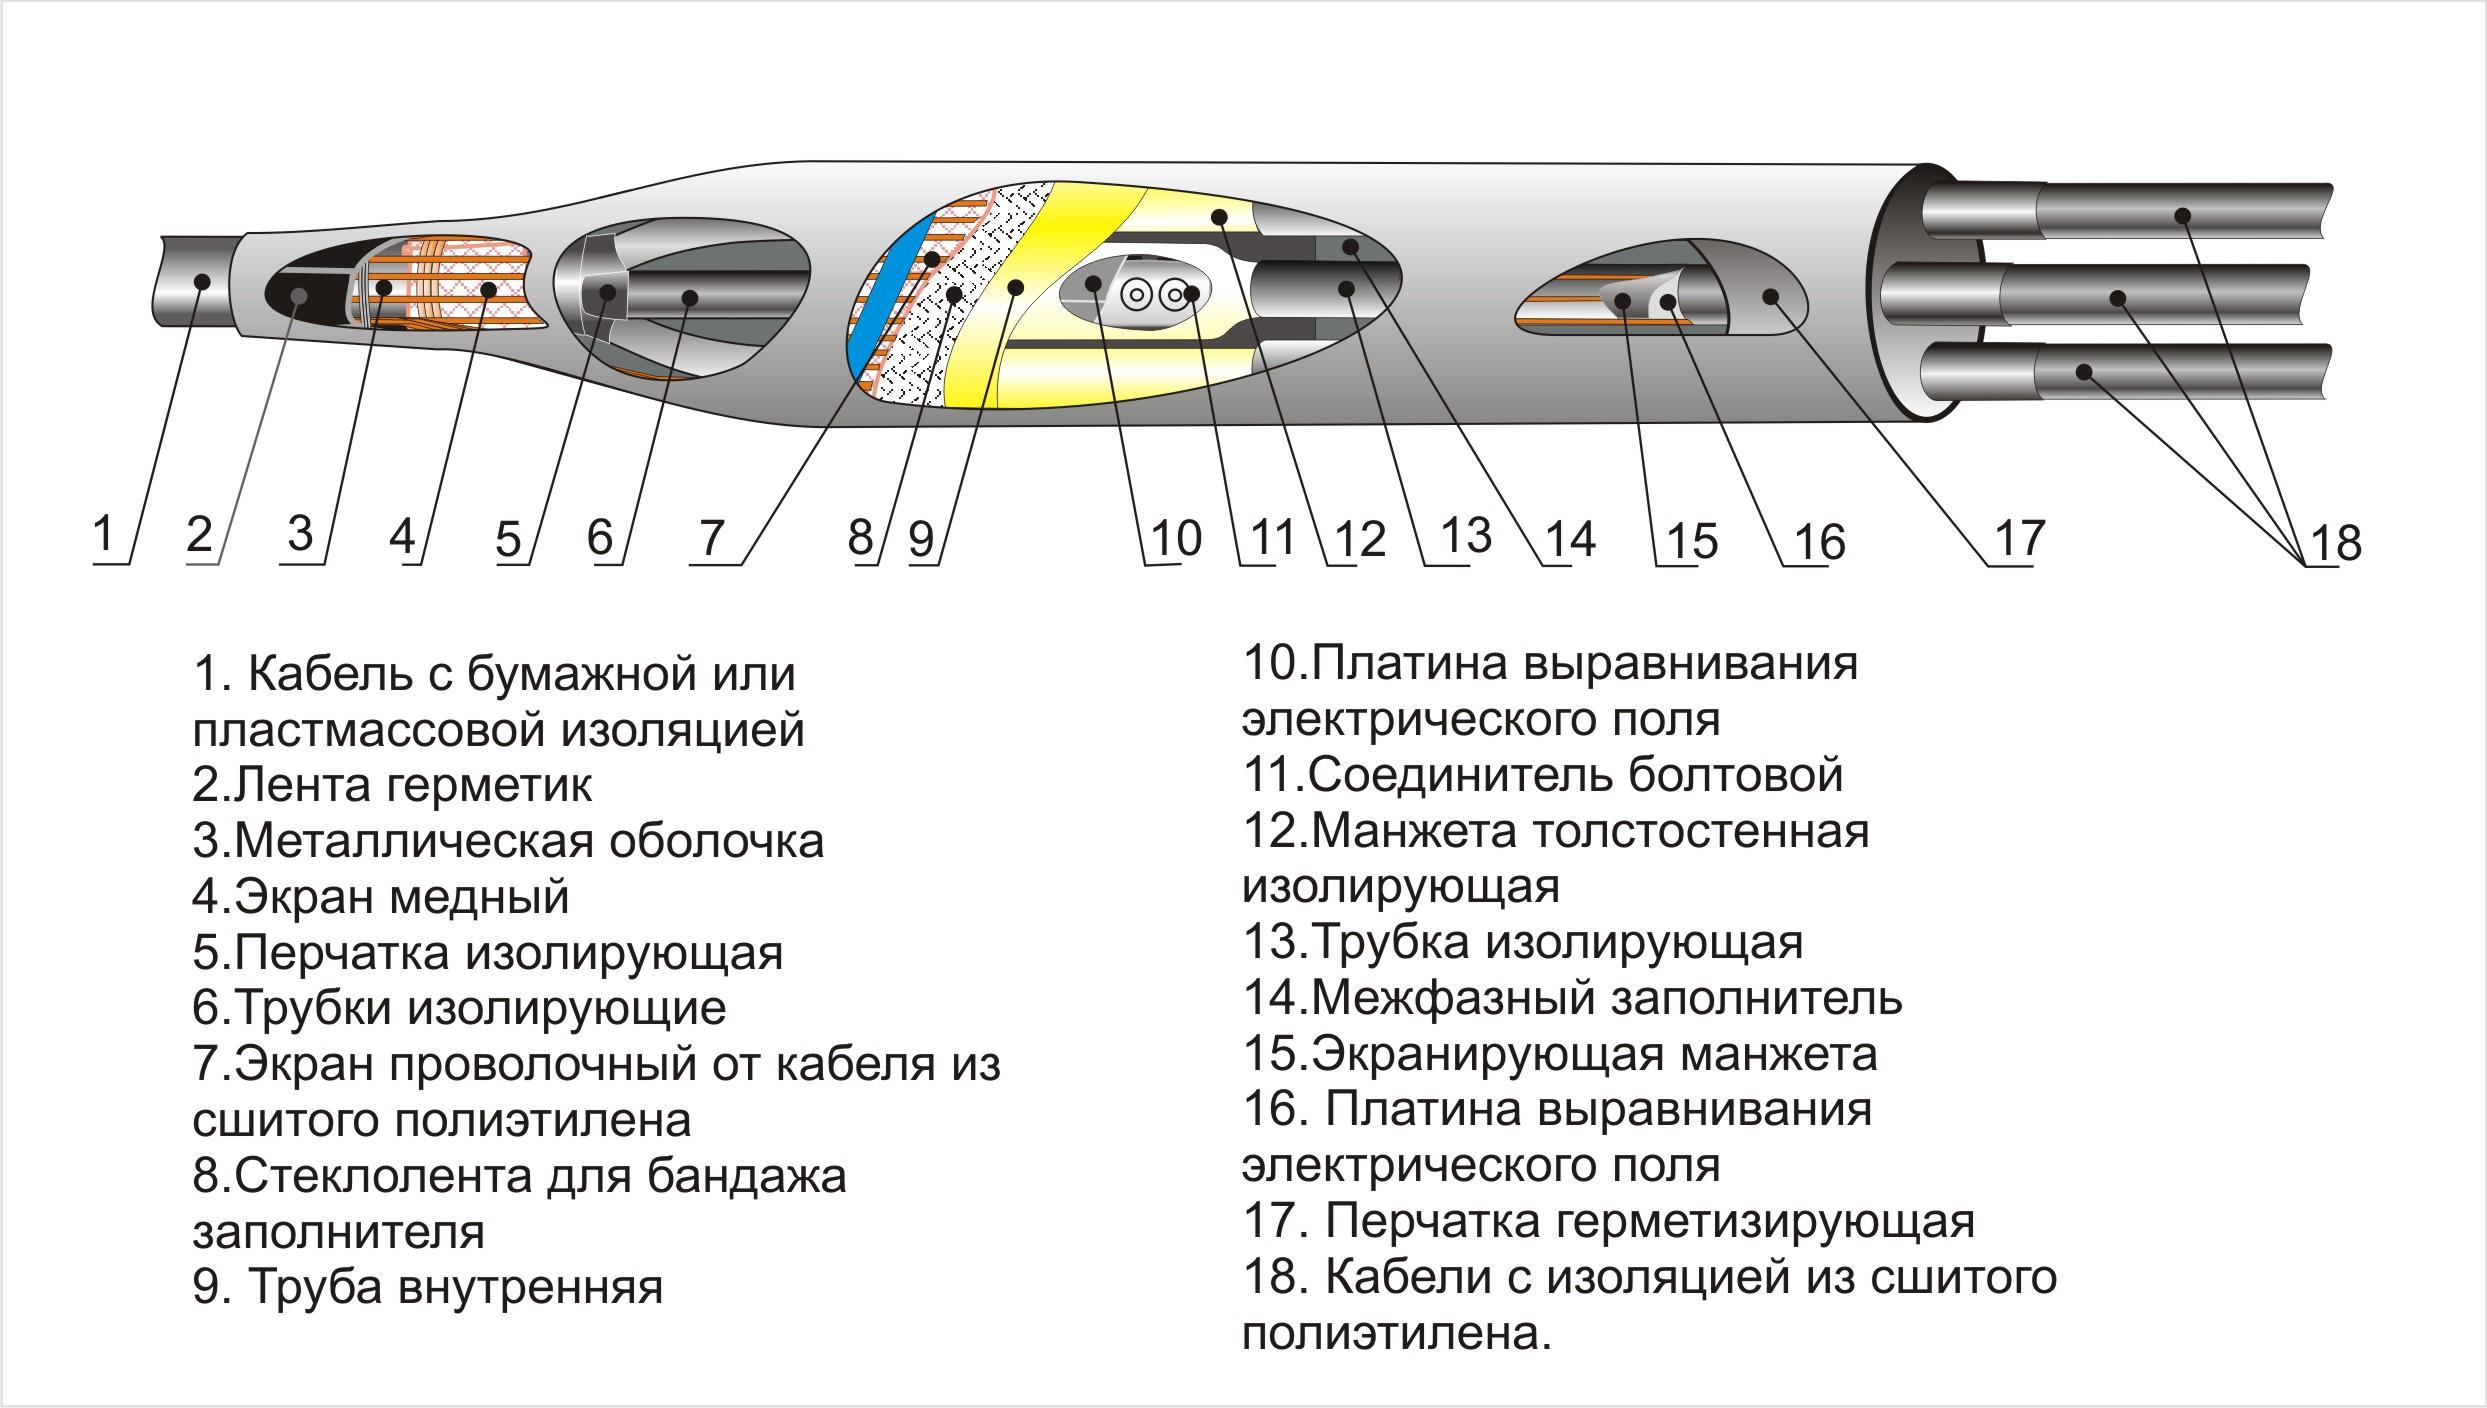 Нормы испытаний кабелей из 27